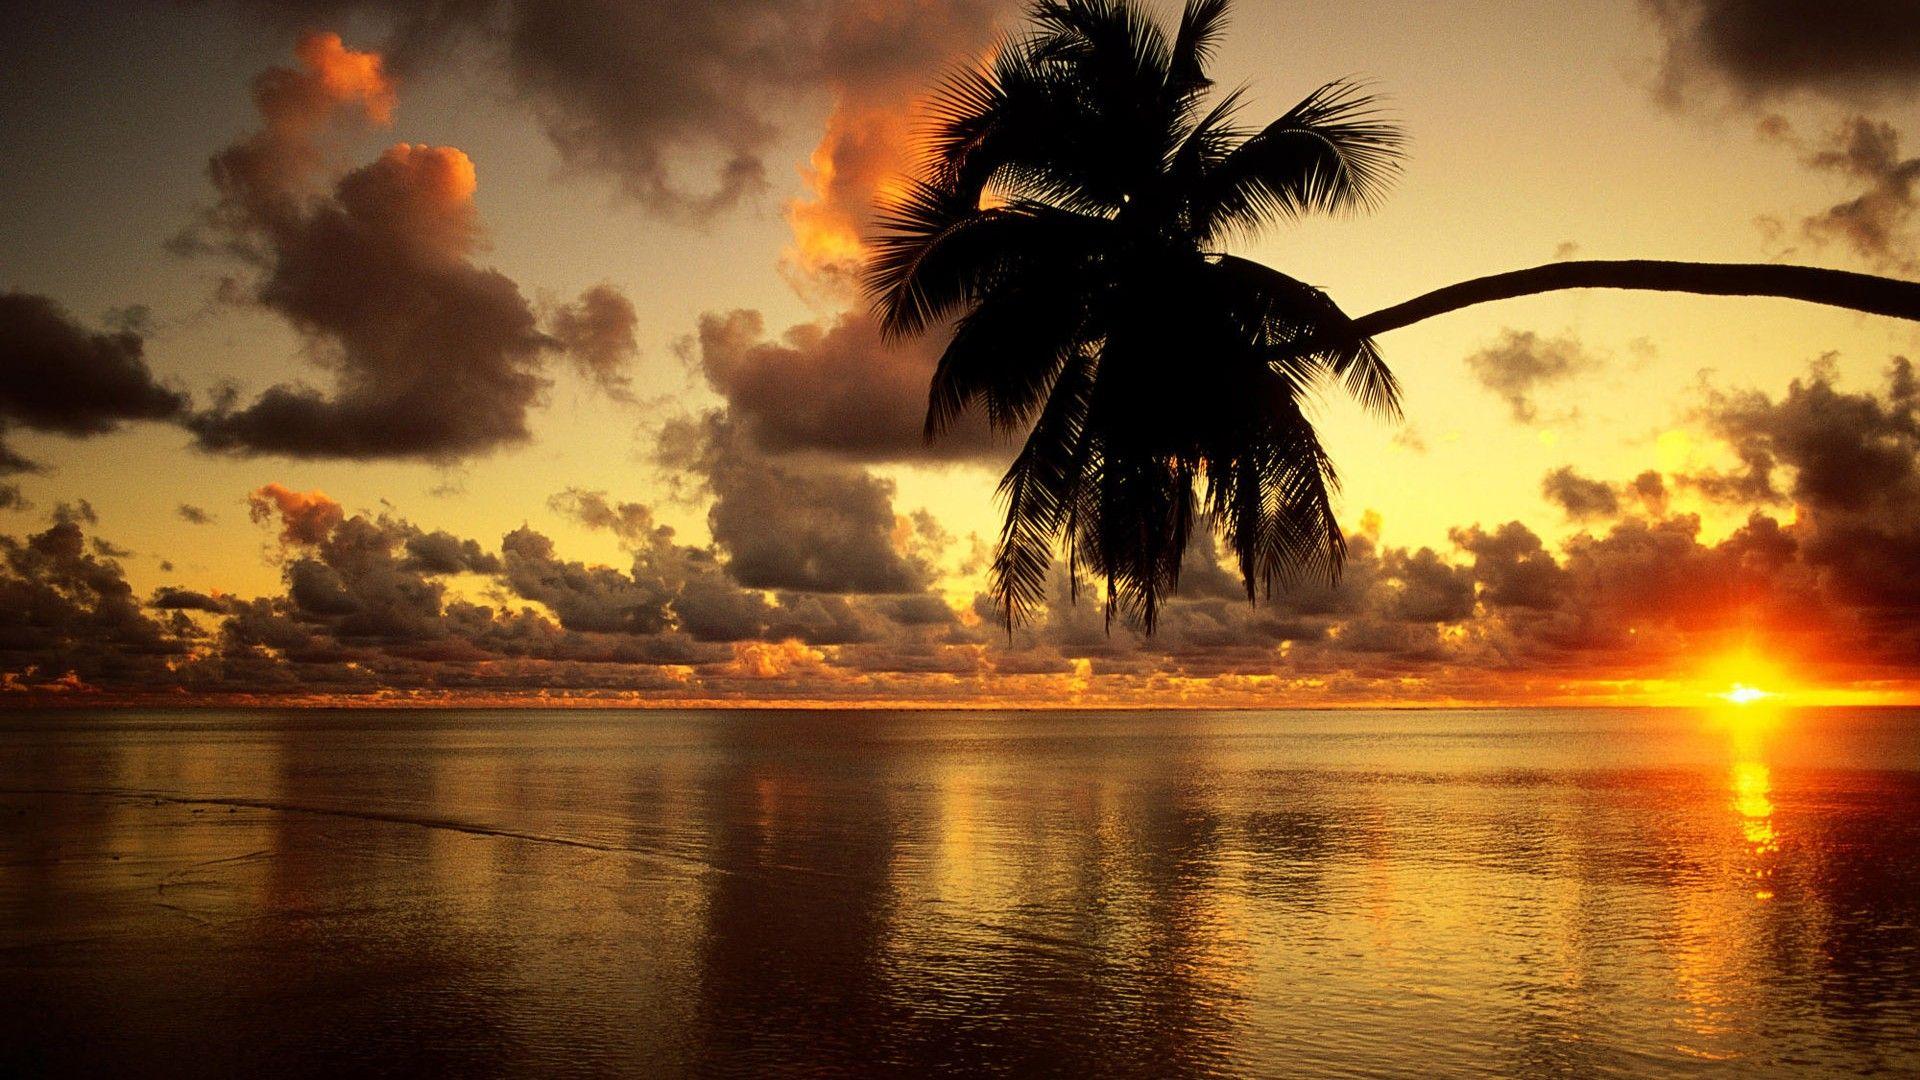 sunrise free images